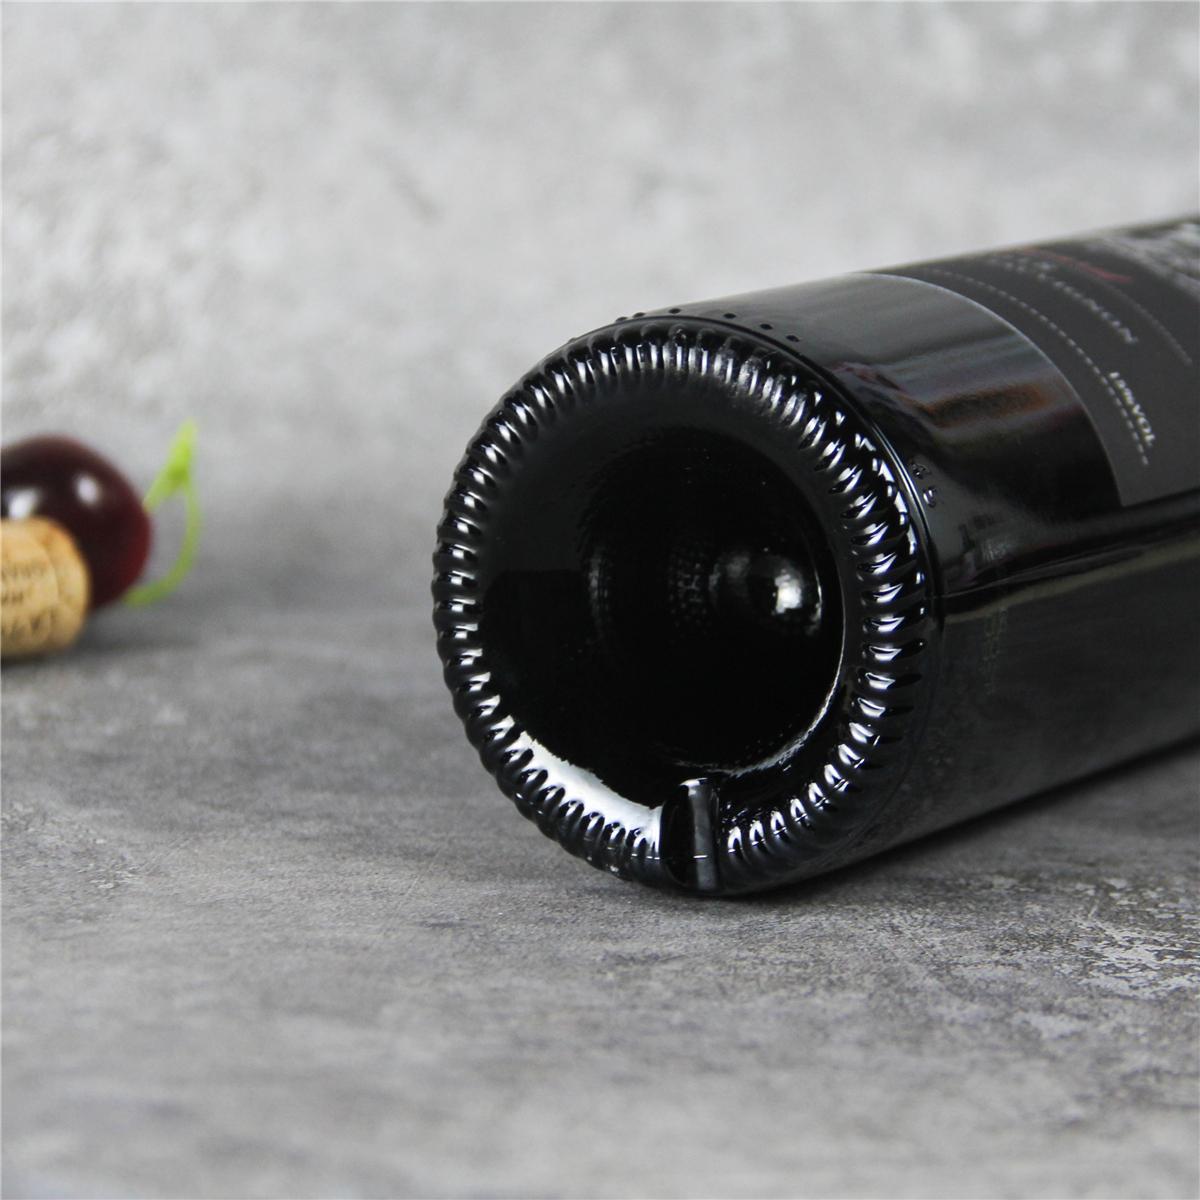 澳大利亚库纳瓦拉图柏利马车珍藏赤霞珠红葡萄酒红酒